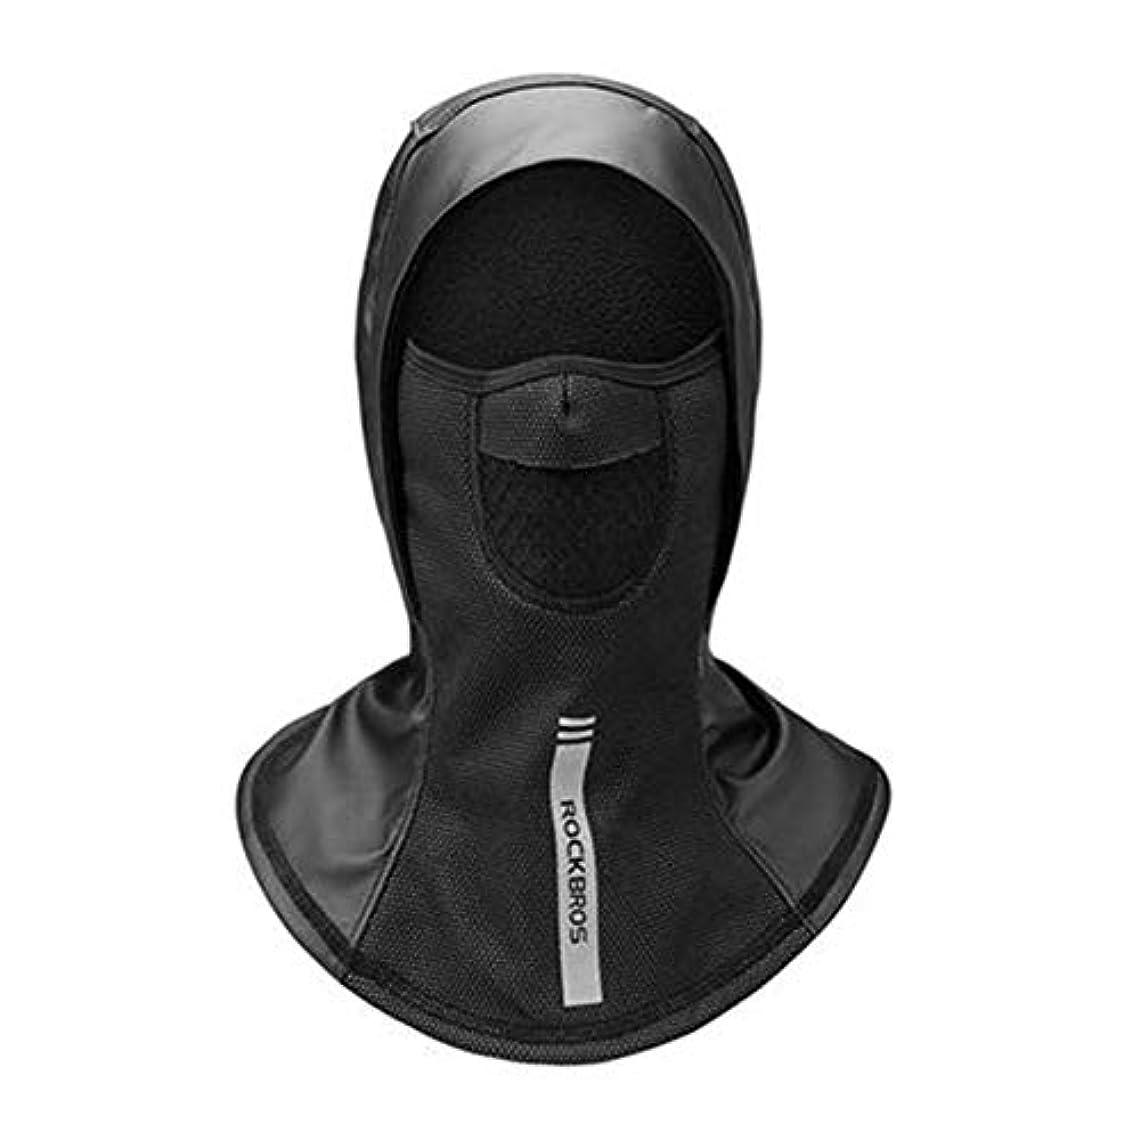 相談預言者従事したオートバイに適した通気穴を備えた防水フリース生地防風スキーマスク、アウトドアスポーツマスクに一般的なサイズに乗って